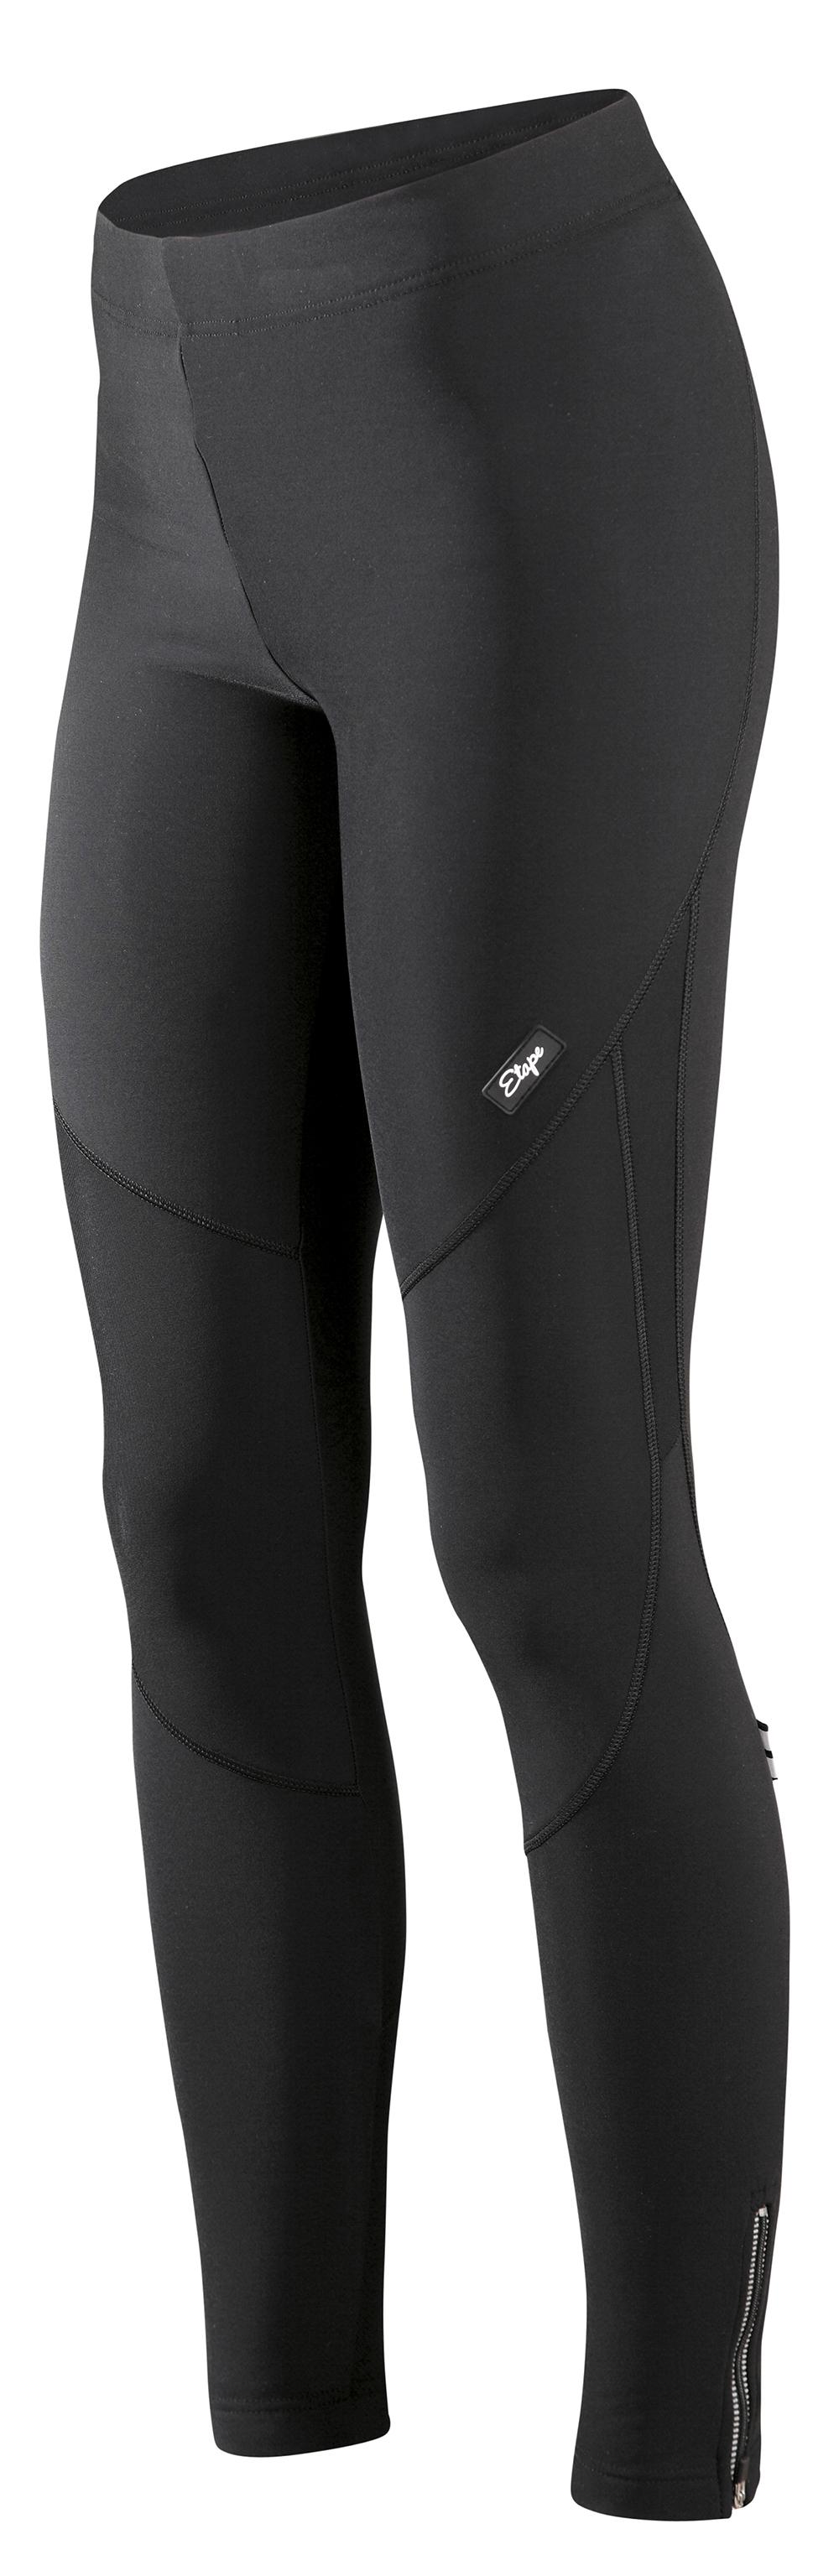 Dámské cyklistické kalhoty ETAPE Lady long, vel. M, černá, s vložkou, model 2017 (Dámské cyklistické kalhoty Etape, s dámskou elastickou vložkou )